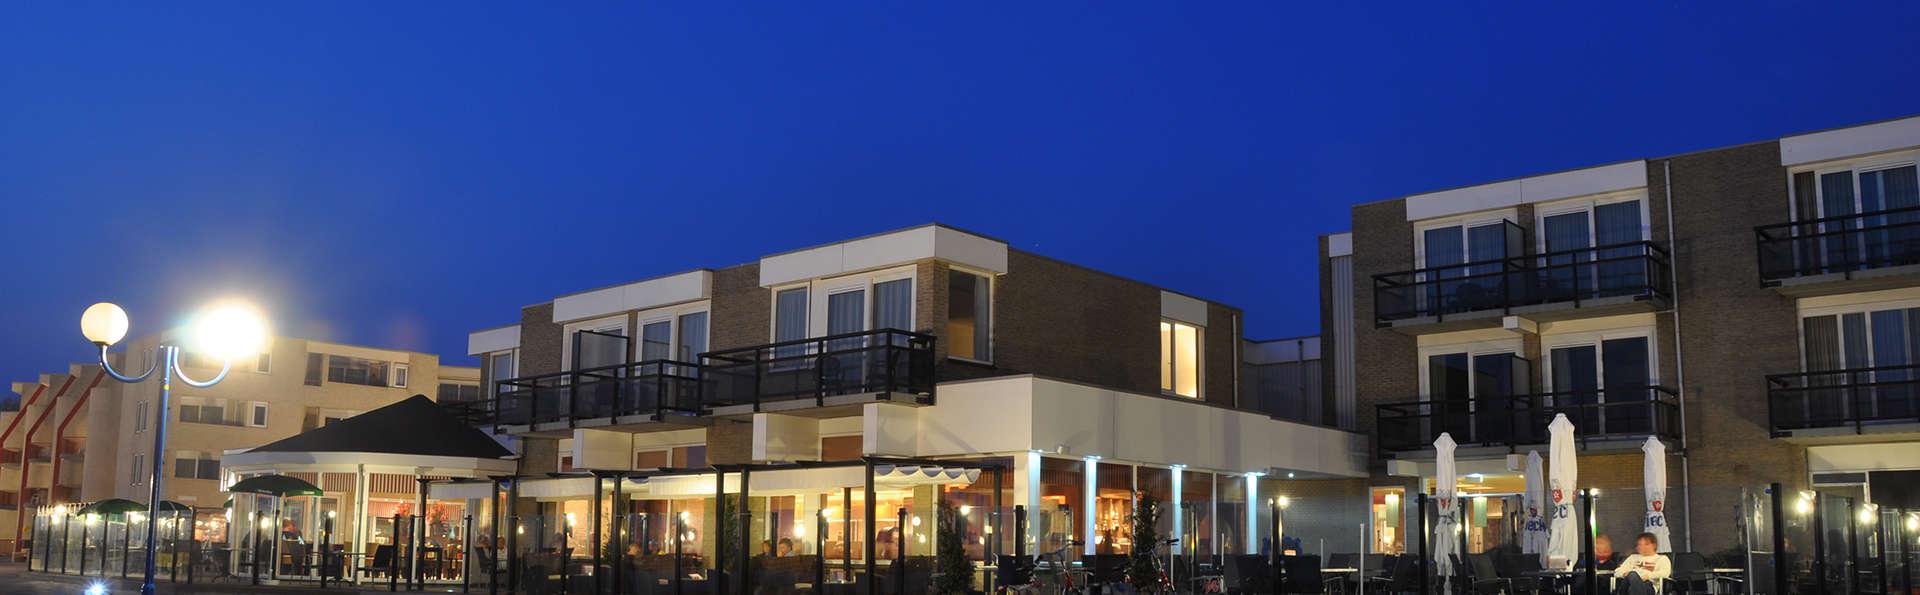 Beach Hotel de Vigilante - EDIT_front2.jpg